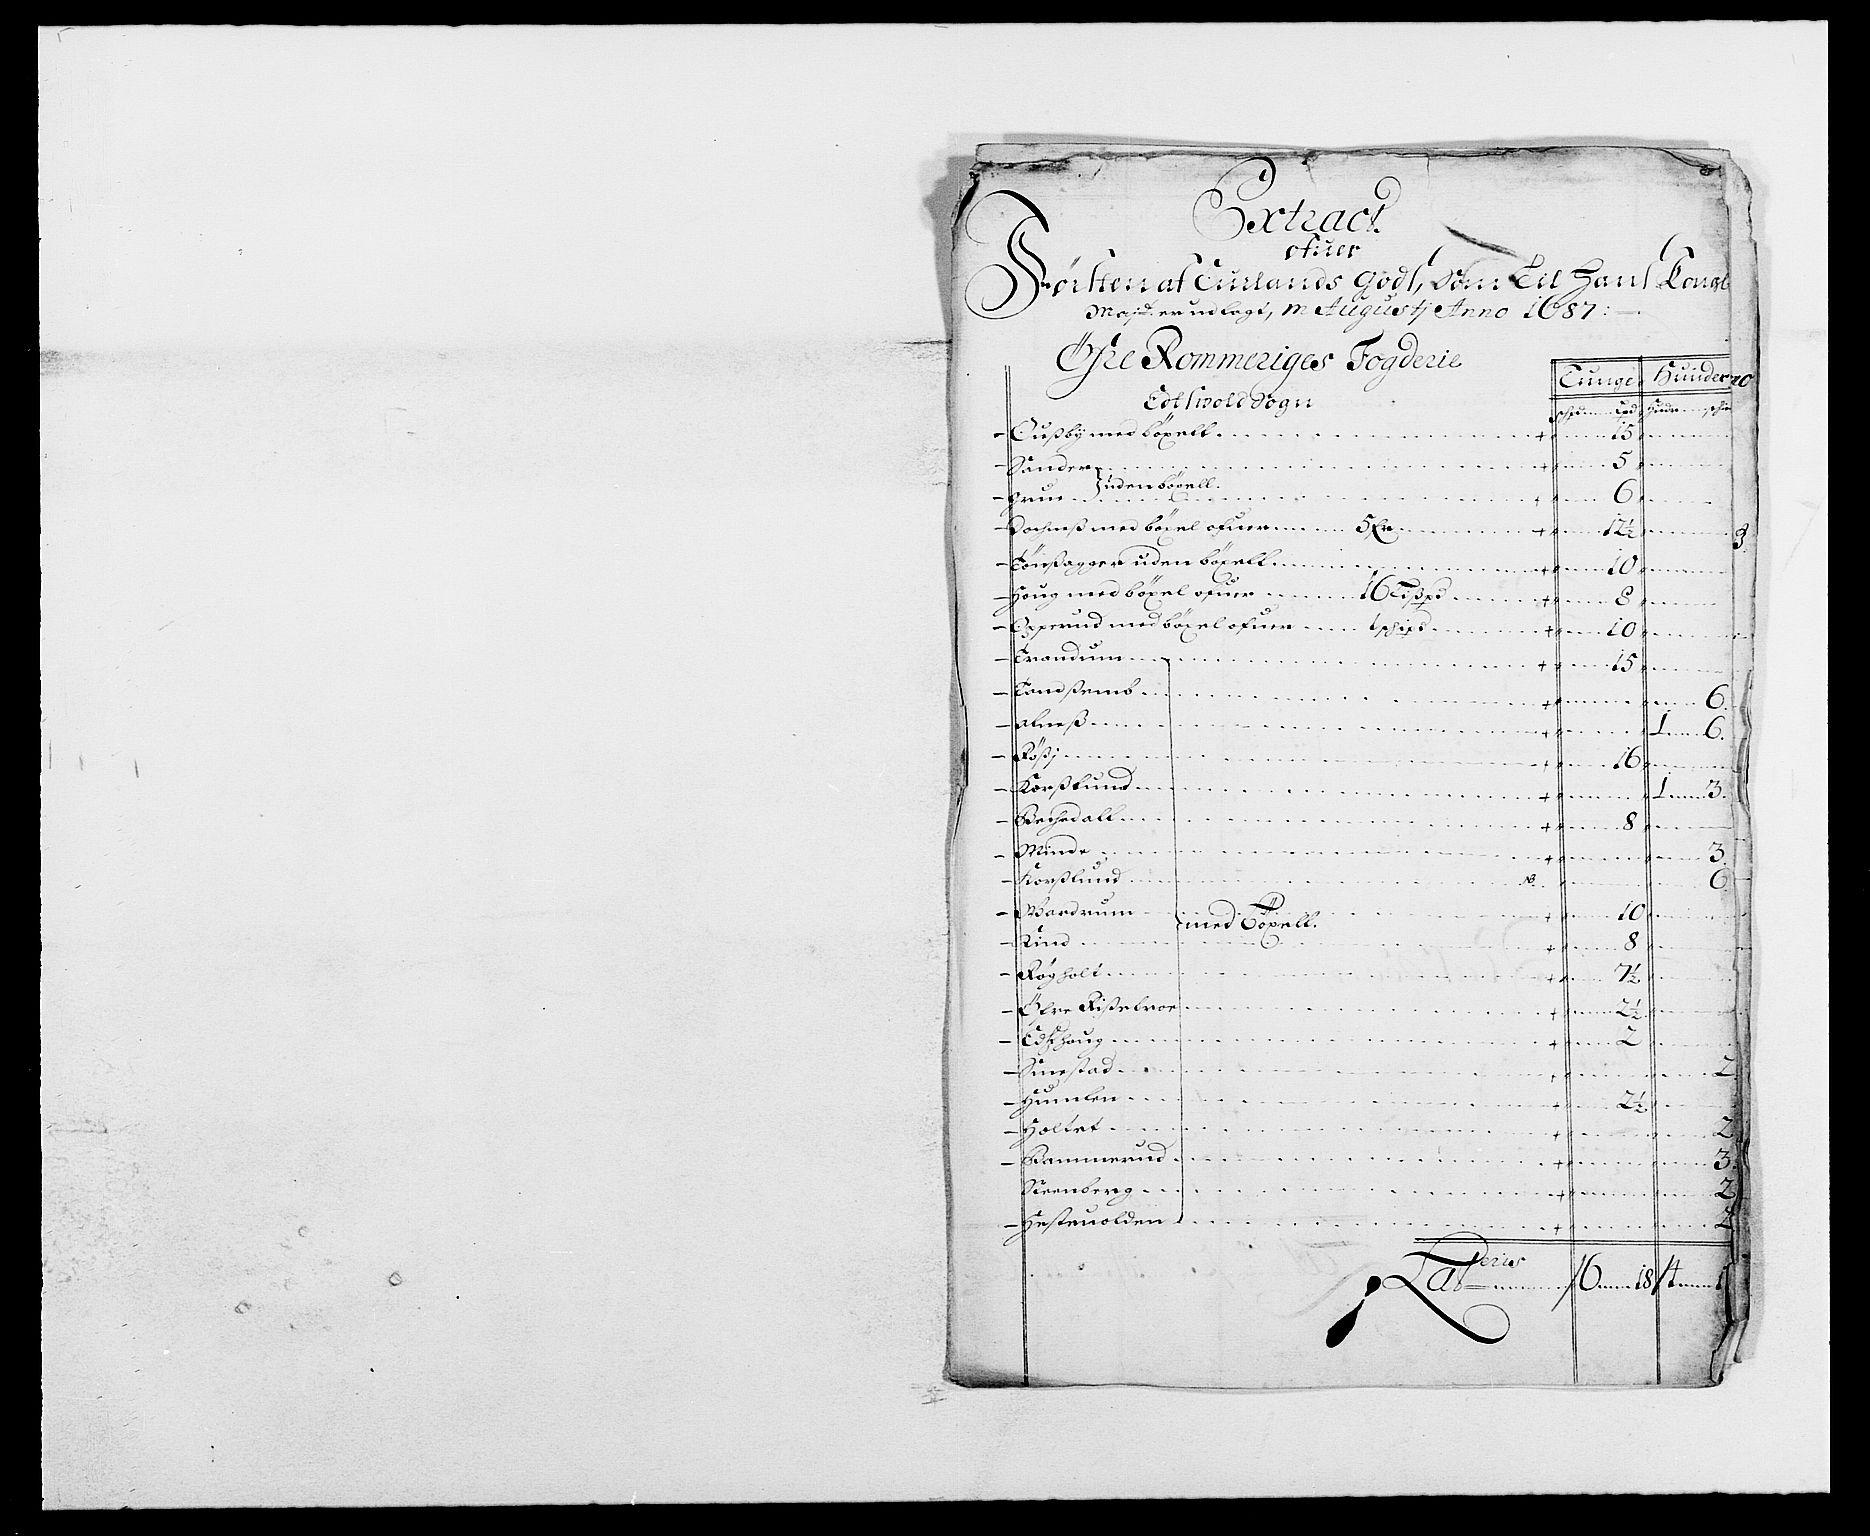 RA, Rentekammeret inntil 1814, Reviderte regnskaper, Fogderegnskap, R12/L0700: Fogderegnskap Øvre Romerike, 1687-1688, s. 16